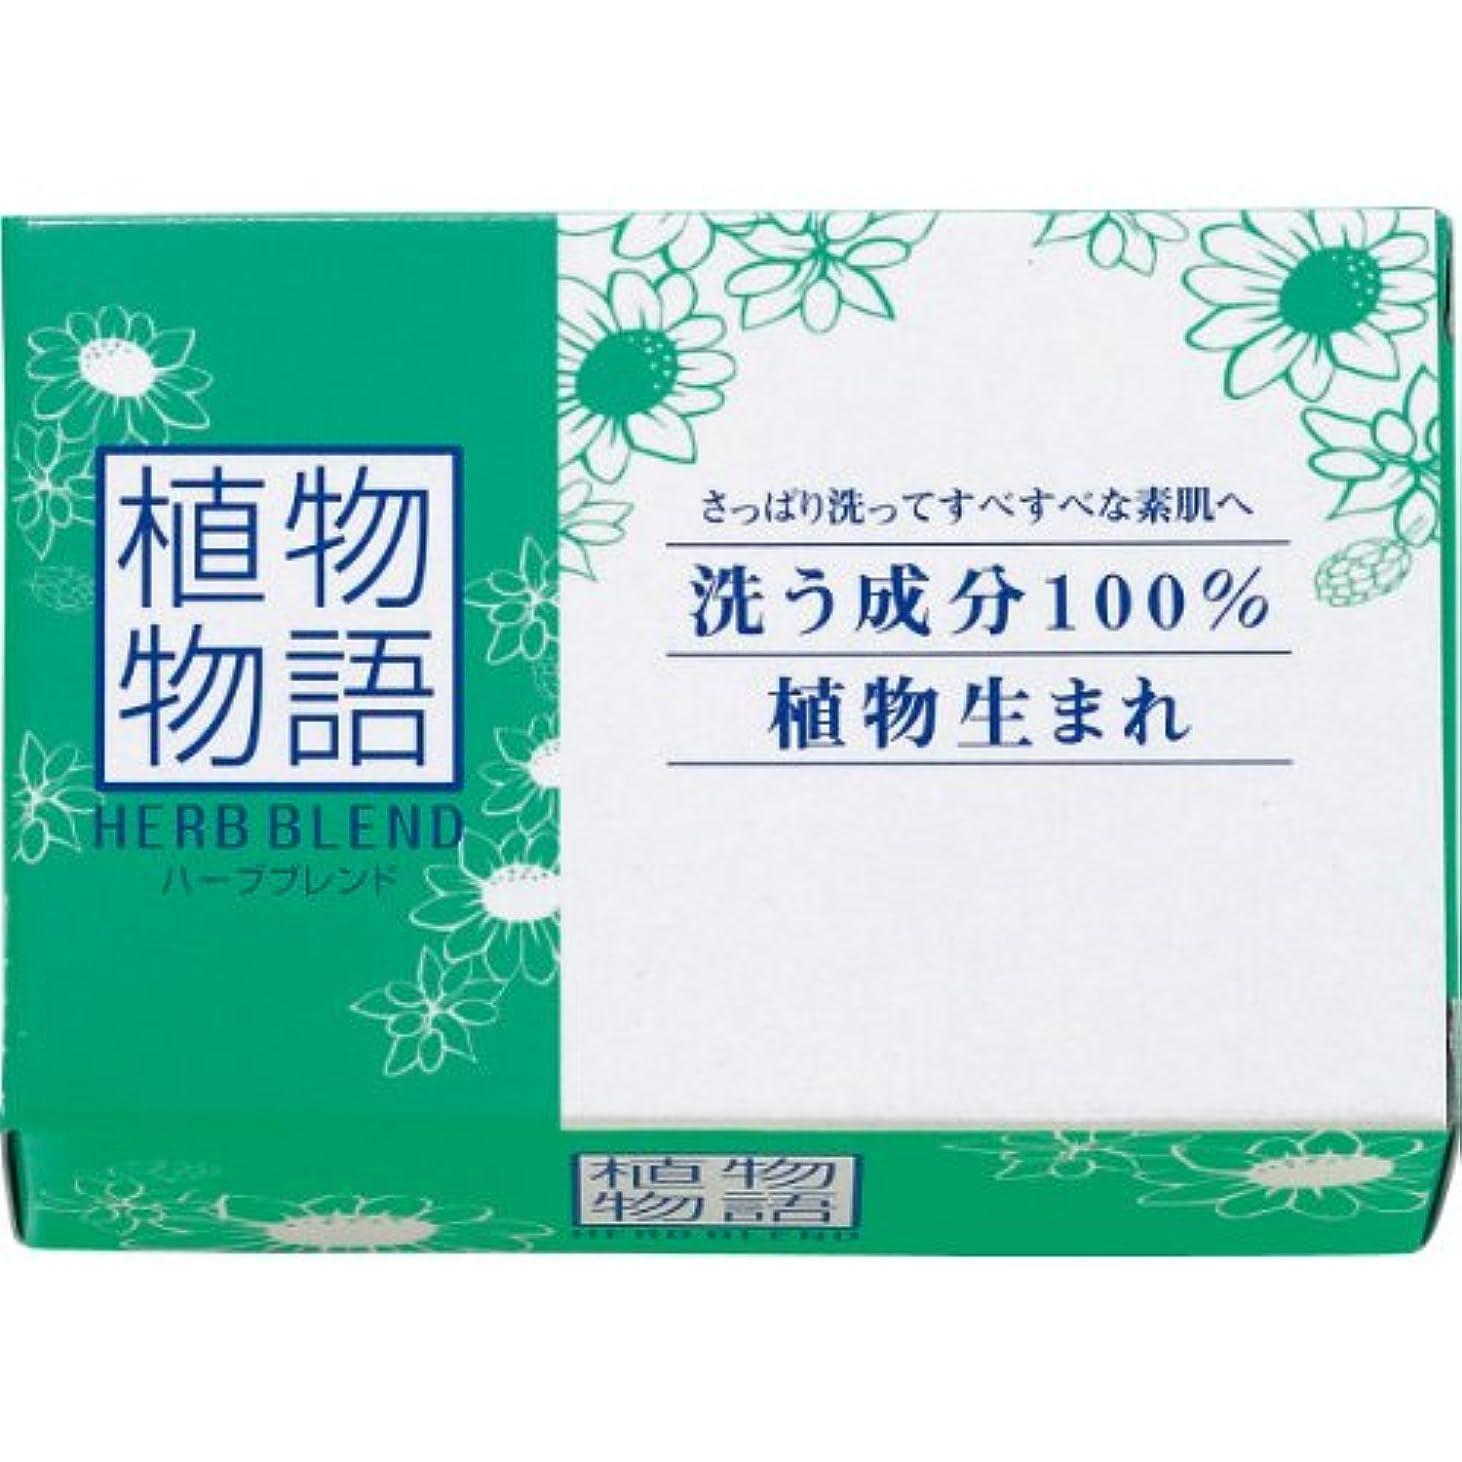 テザー伝記聞きます【ライオン】植物物語ハーブブレンド 化粧石鹸 80g